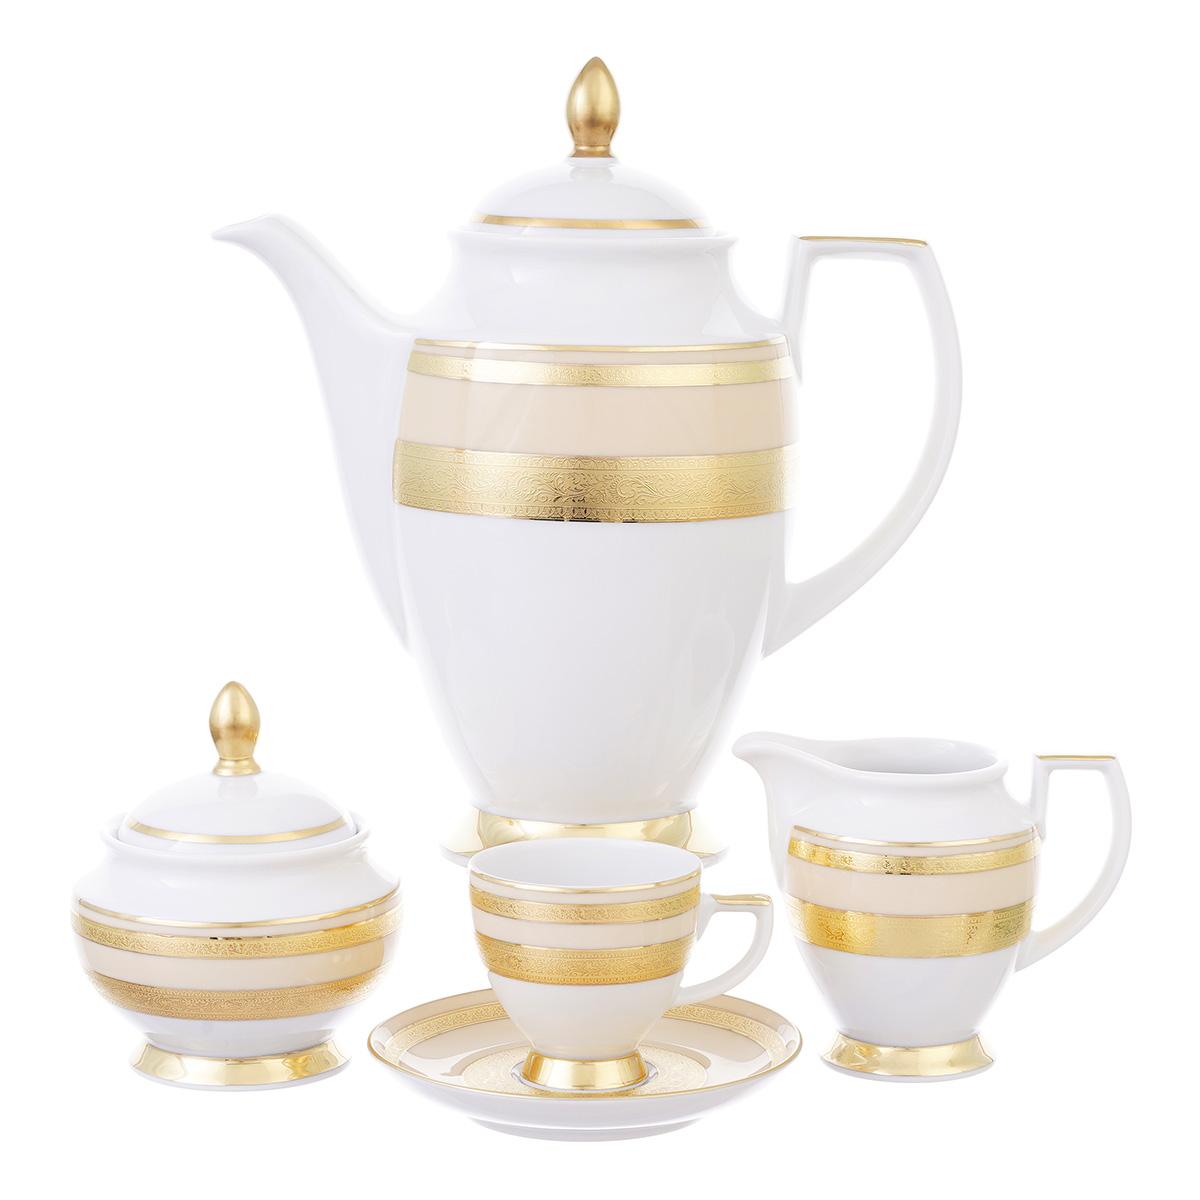 Кофейный сервиз constanza creme gold (17 предметов) (falkenporzellan) золотой